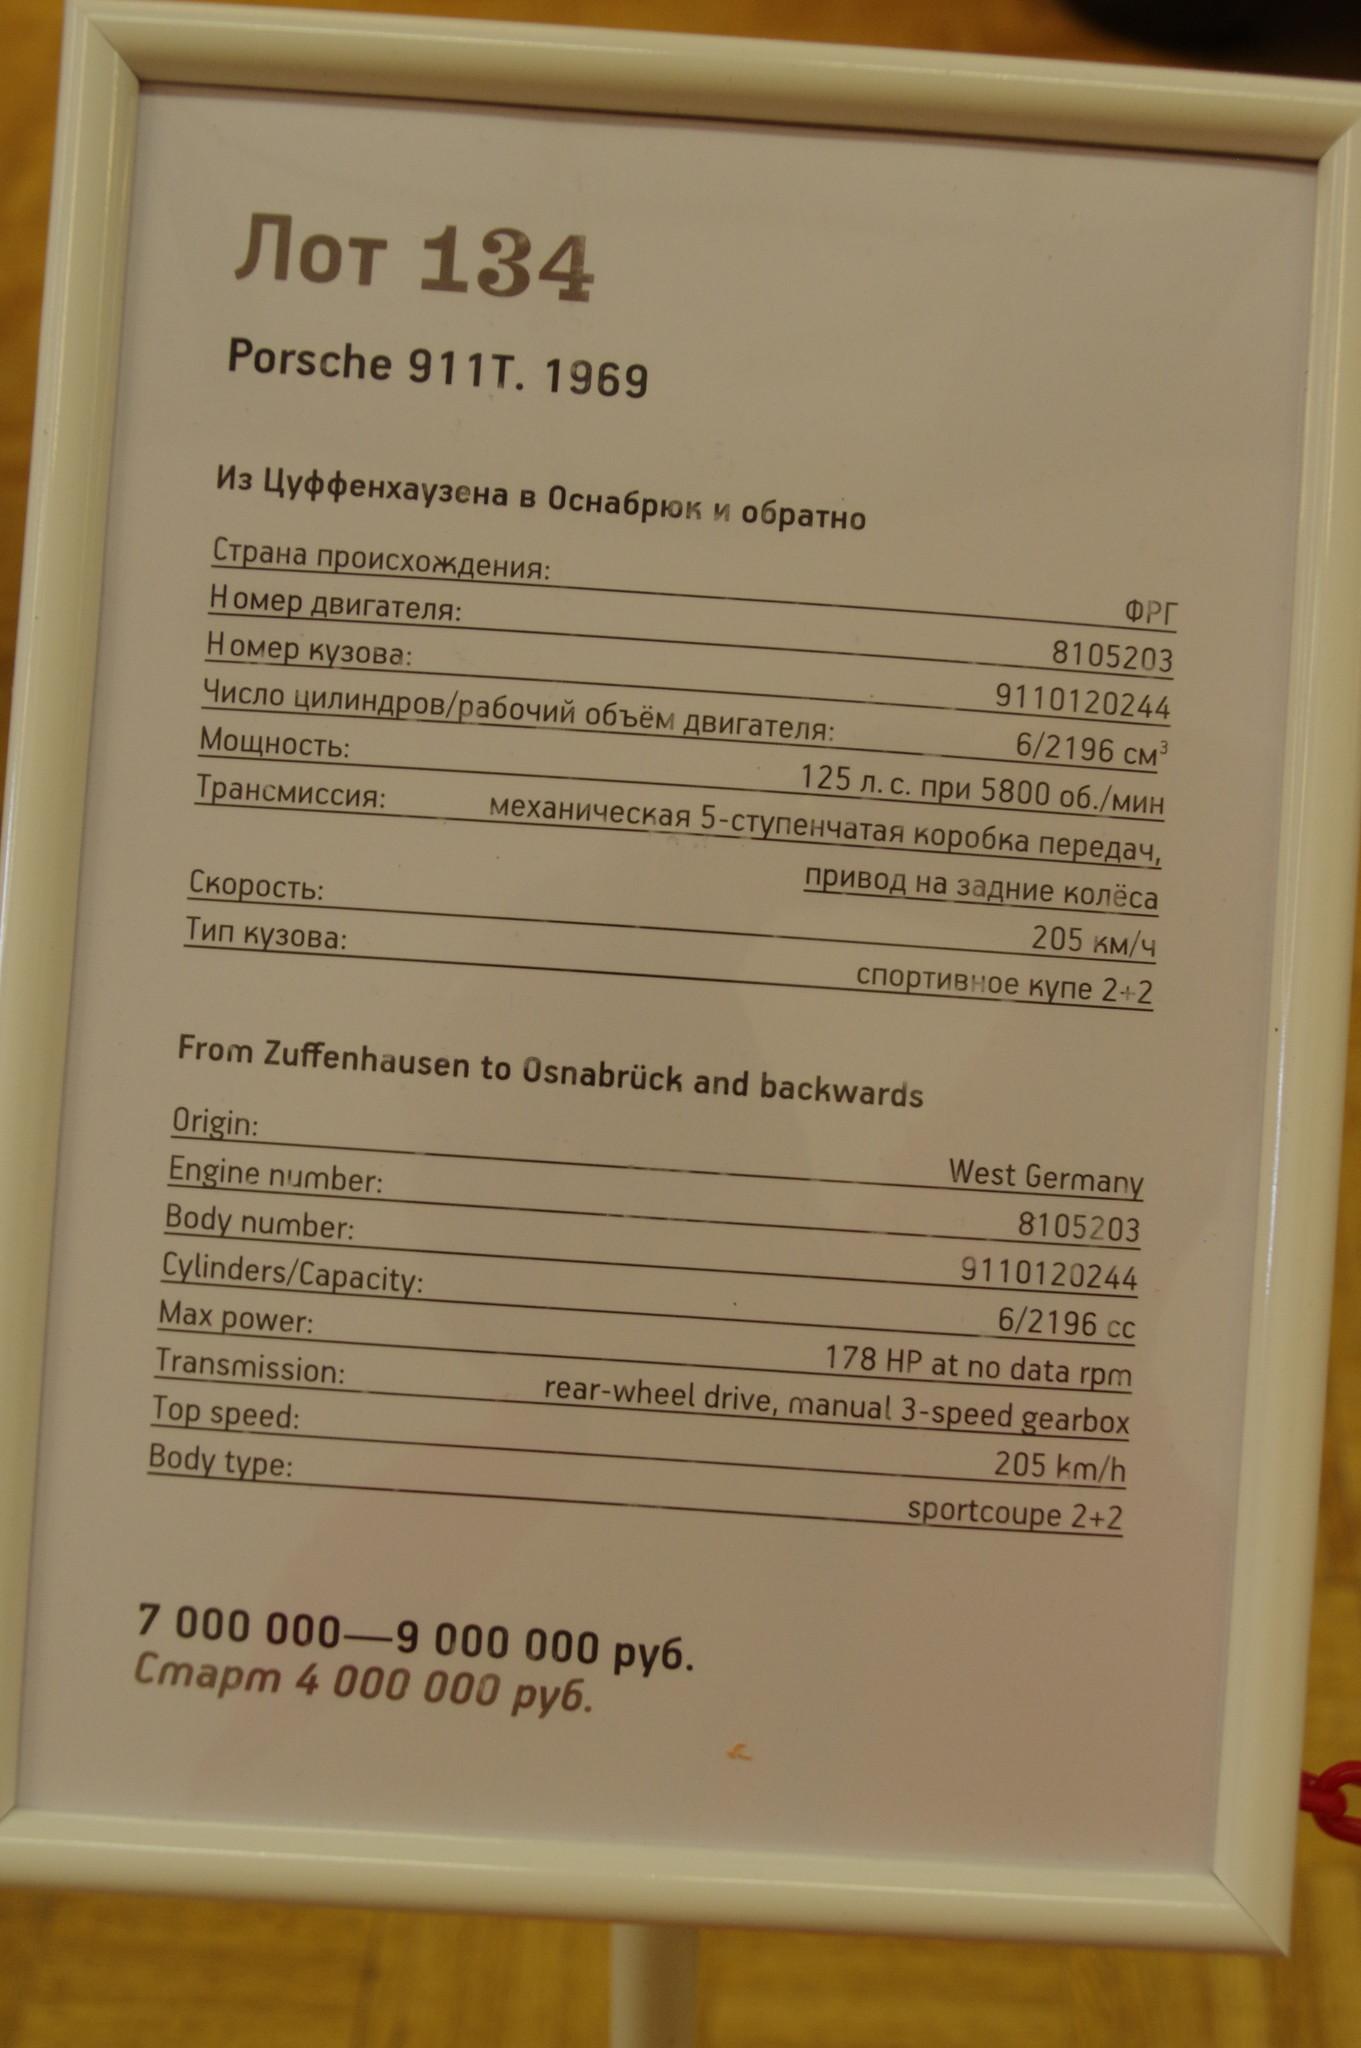 Выставка-аукцион «Редкие автомобили» в Центральном доме художника